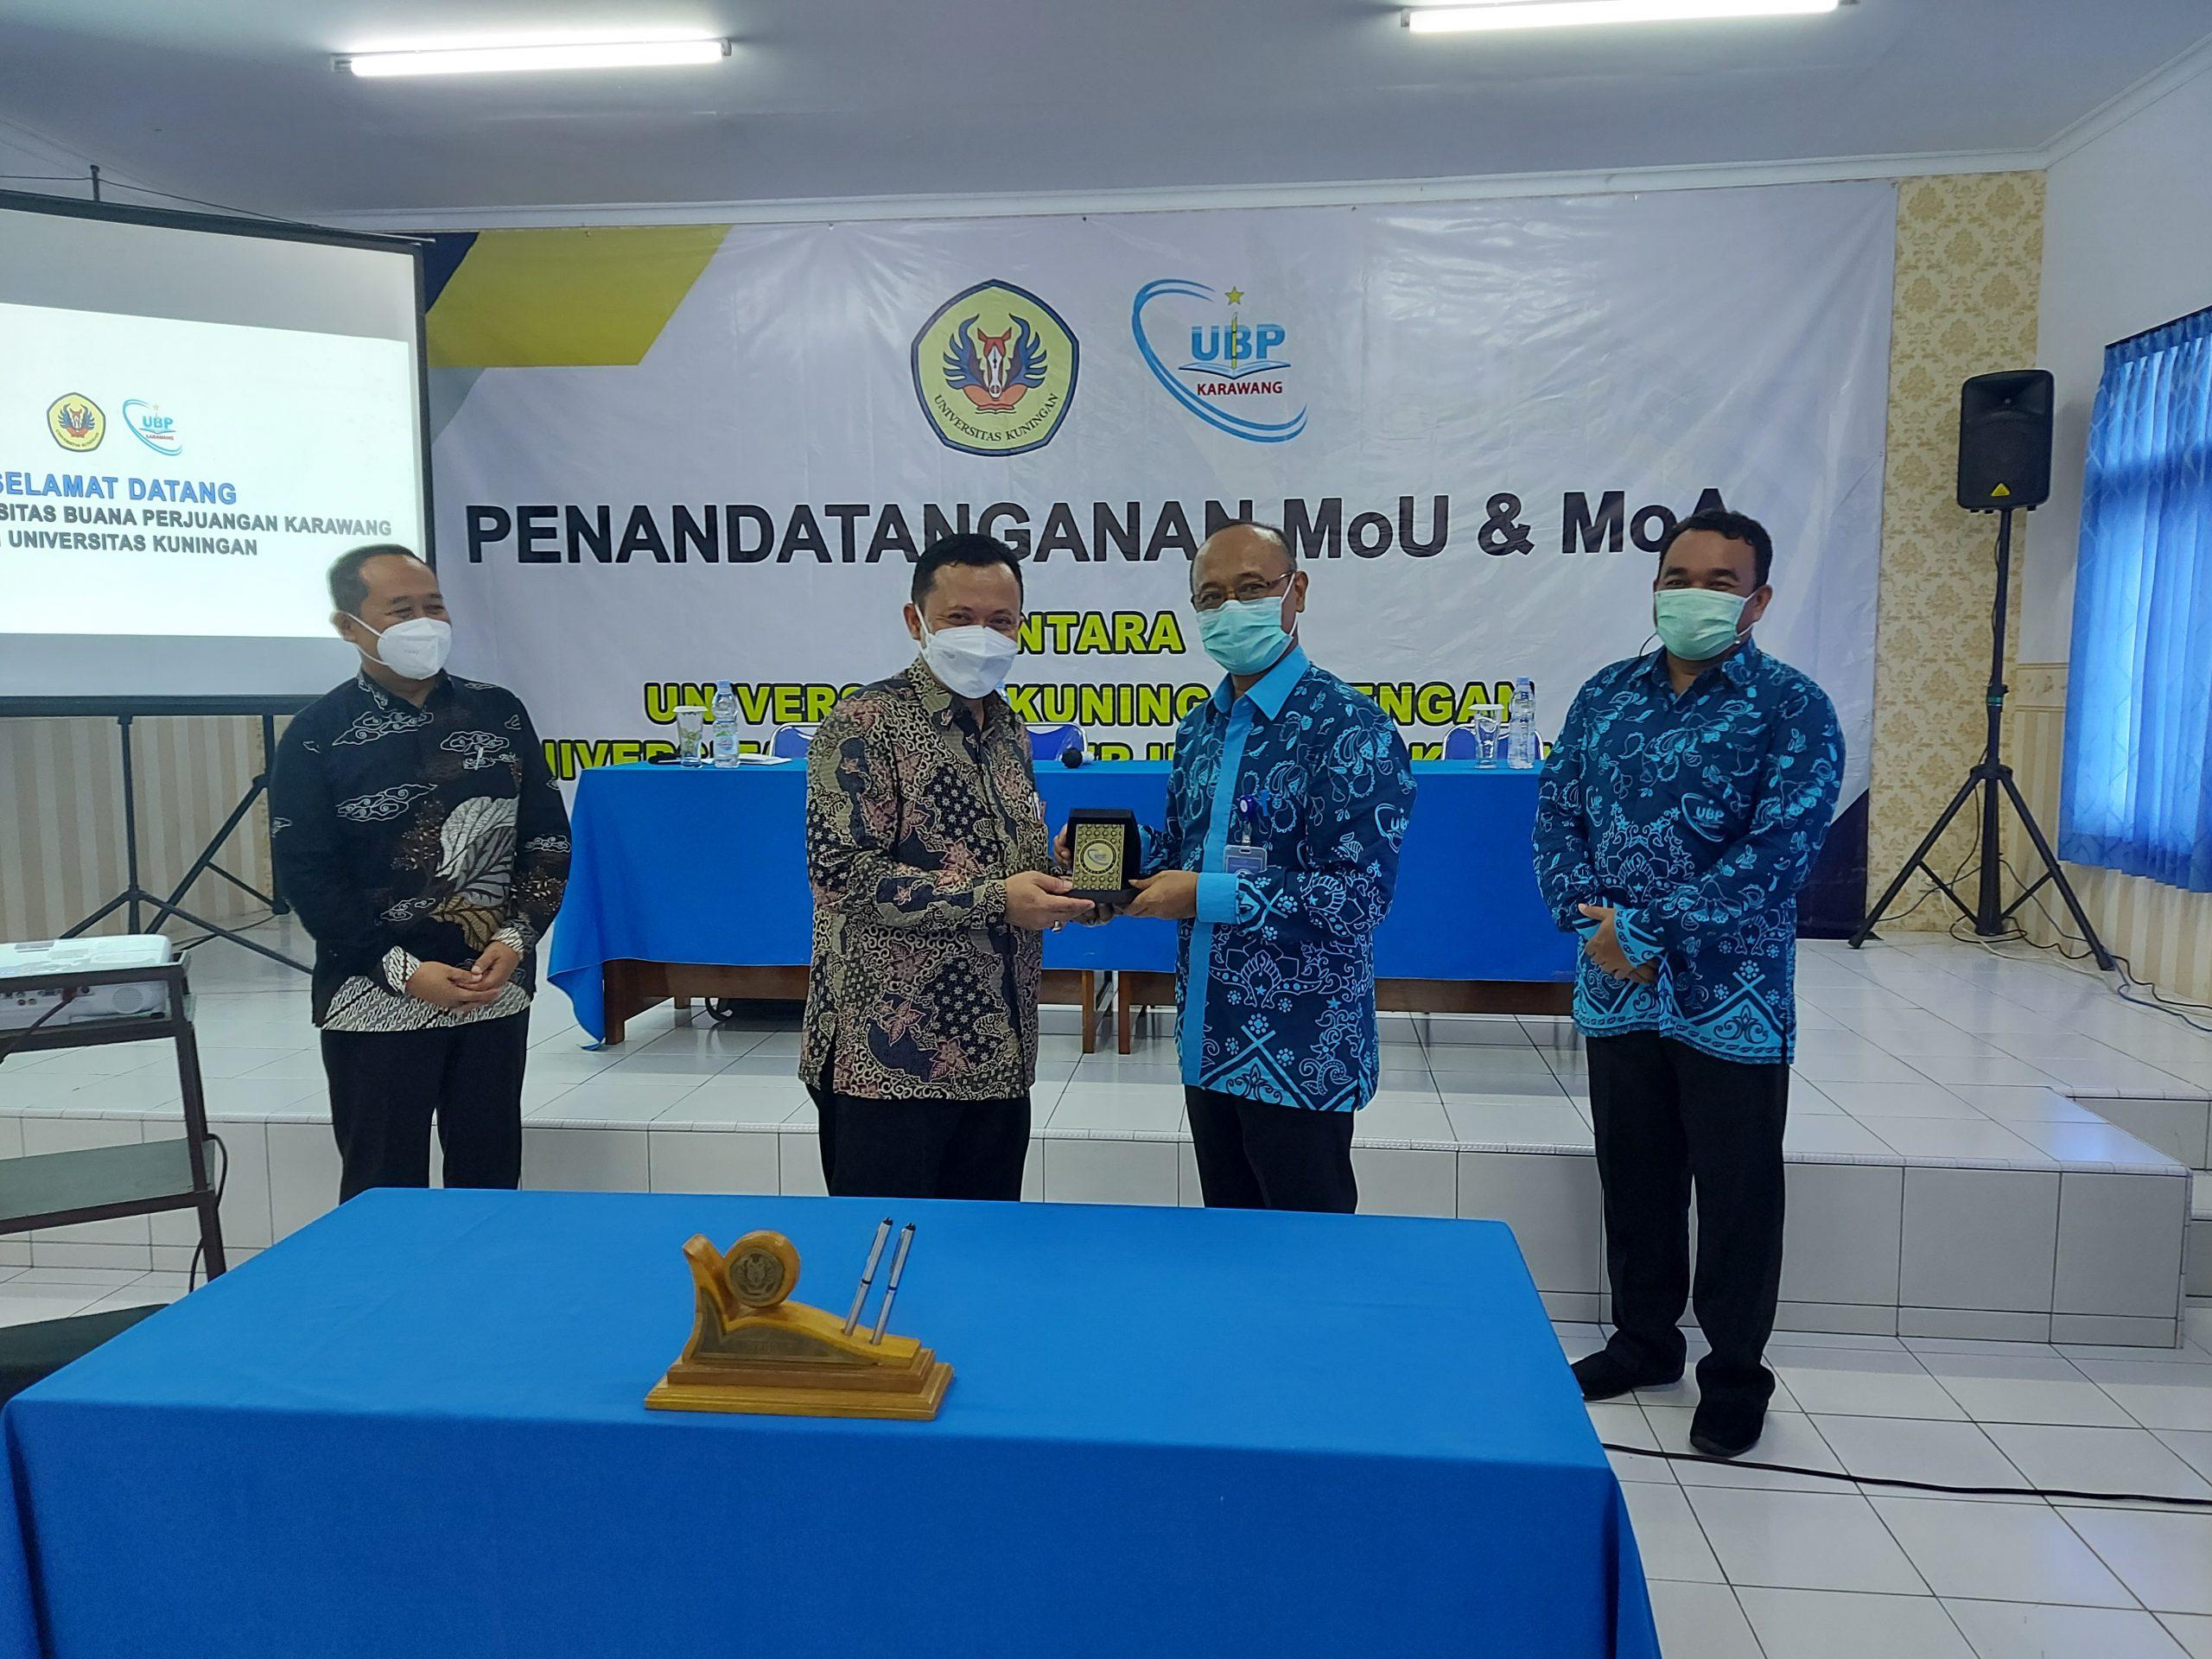 Sukseskan MBKM, UBP Karawang Jalin Kerjasama Dengn Universitas Kuningan